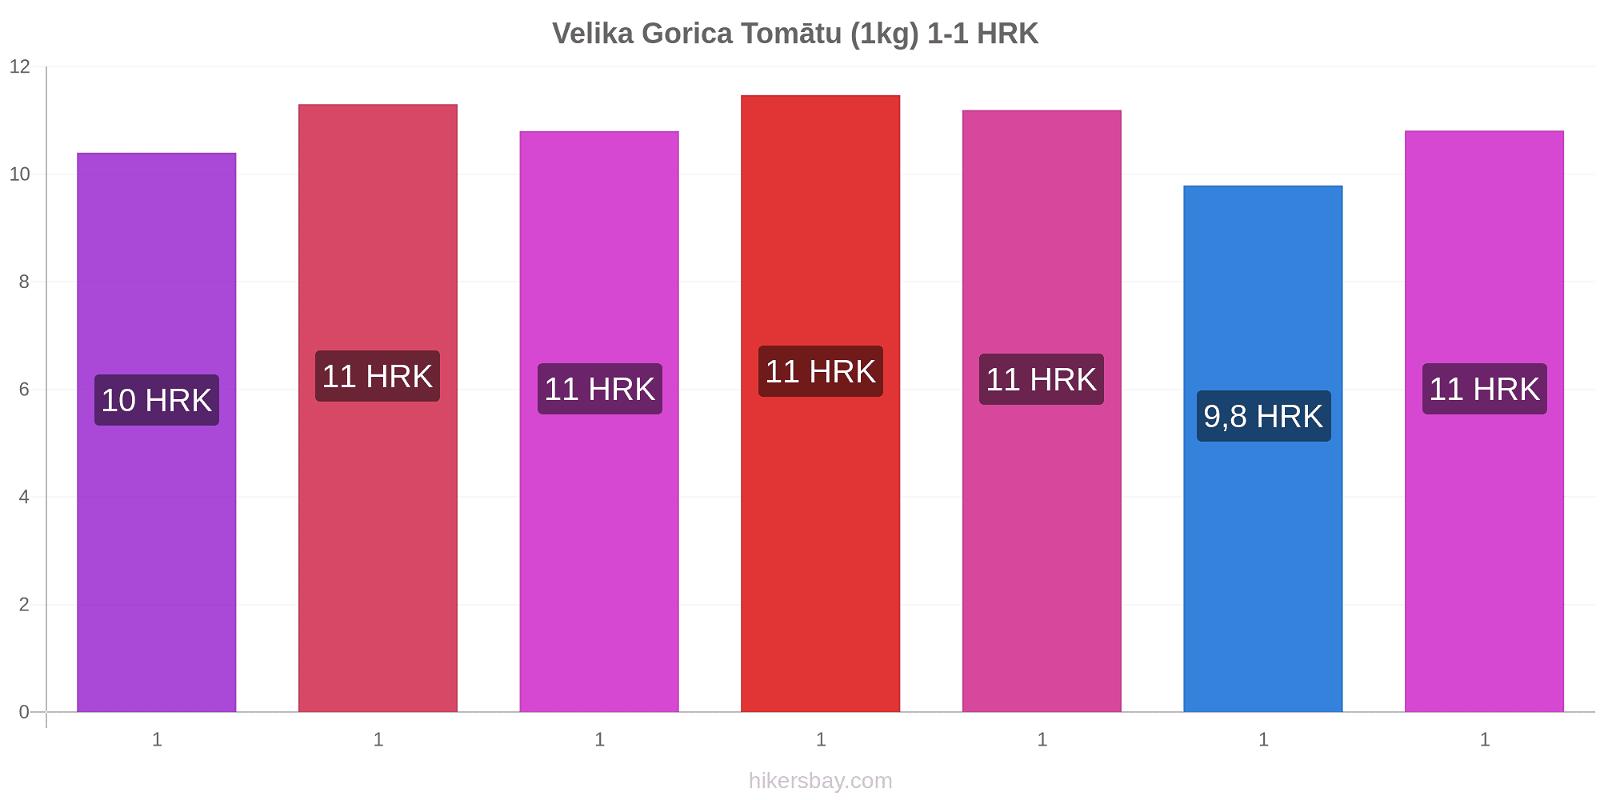 Velika Gorica cenu izmaiņas Tomātu (1kg) hikersbay.com